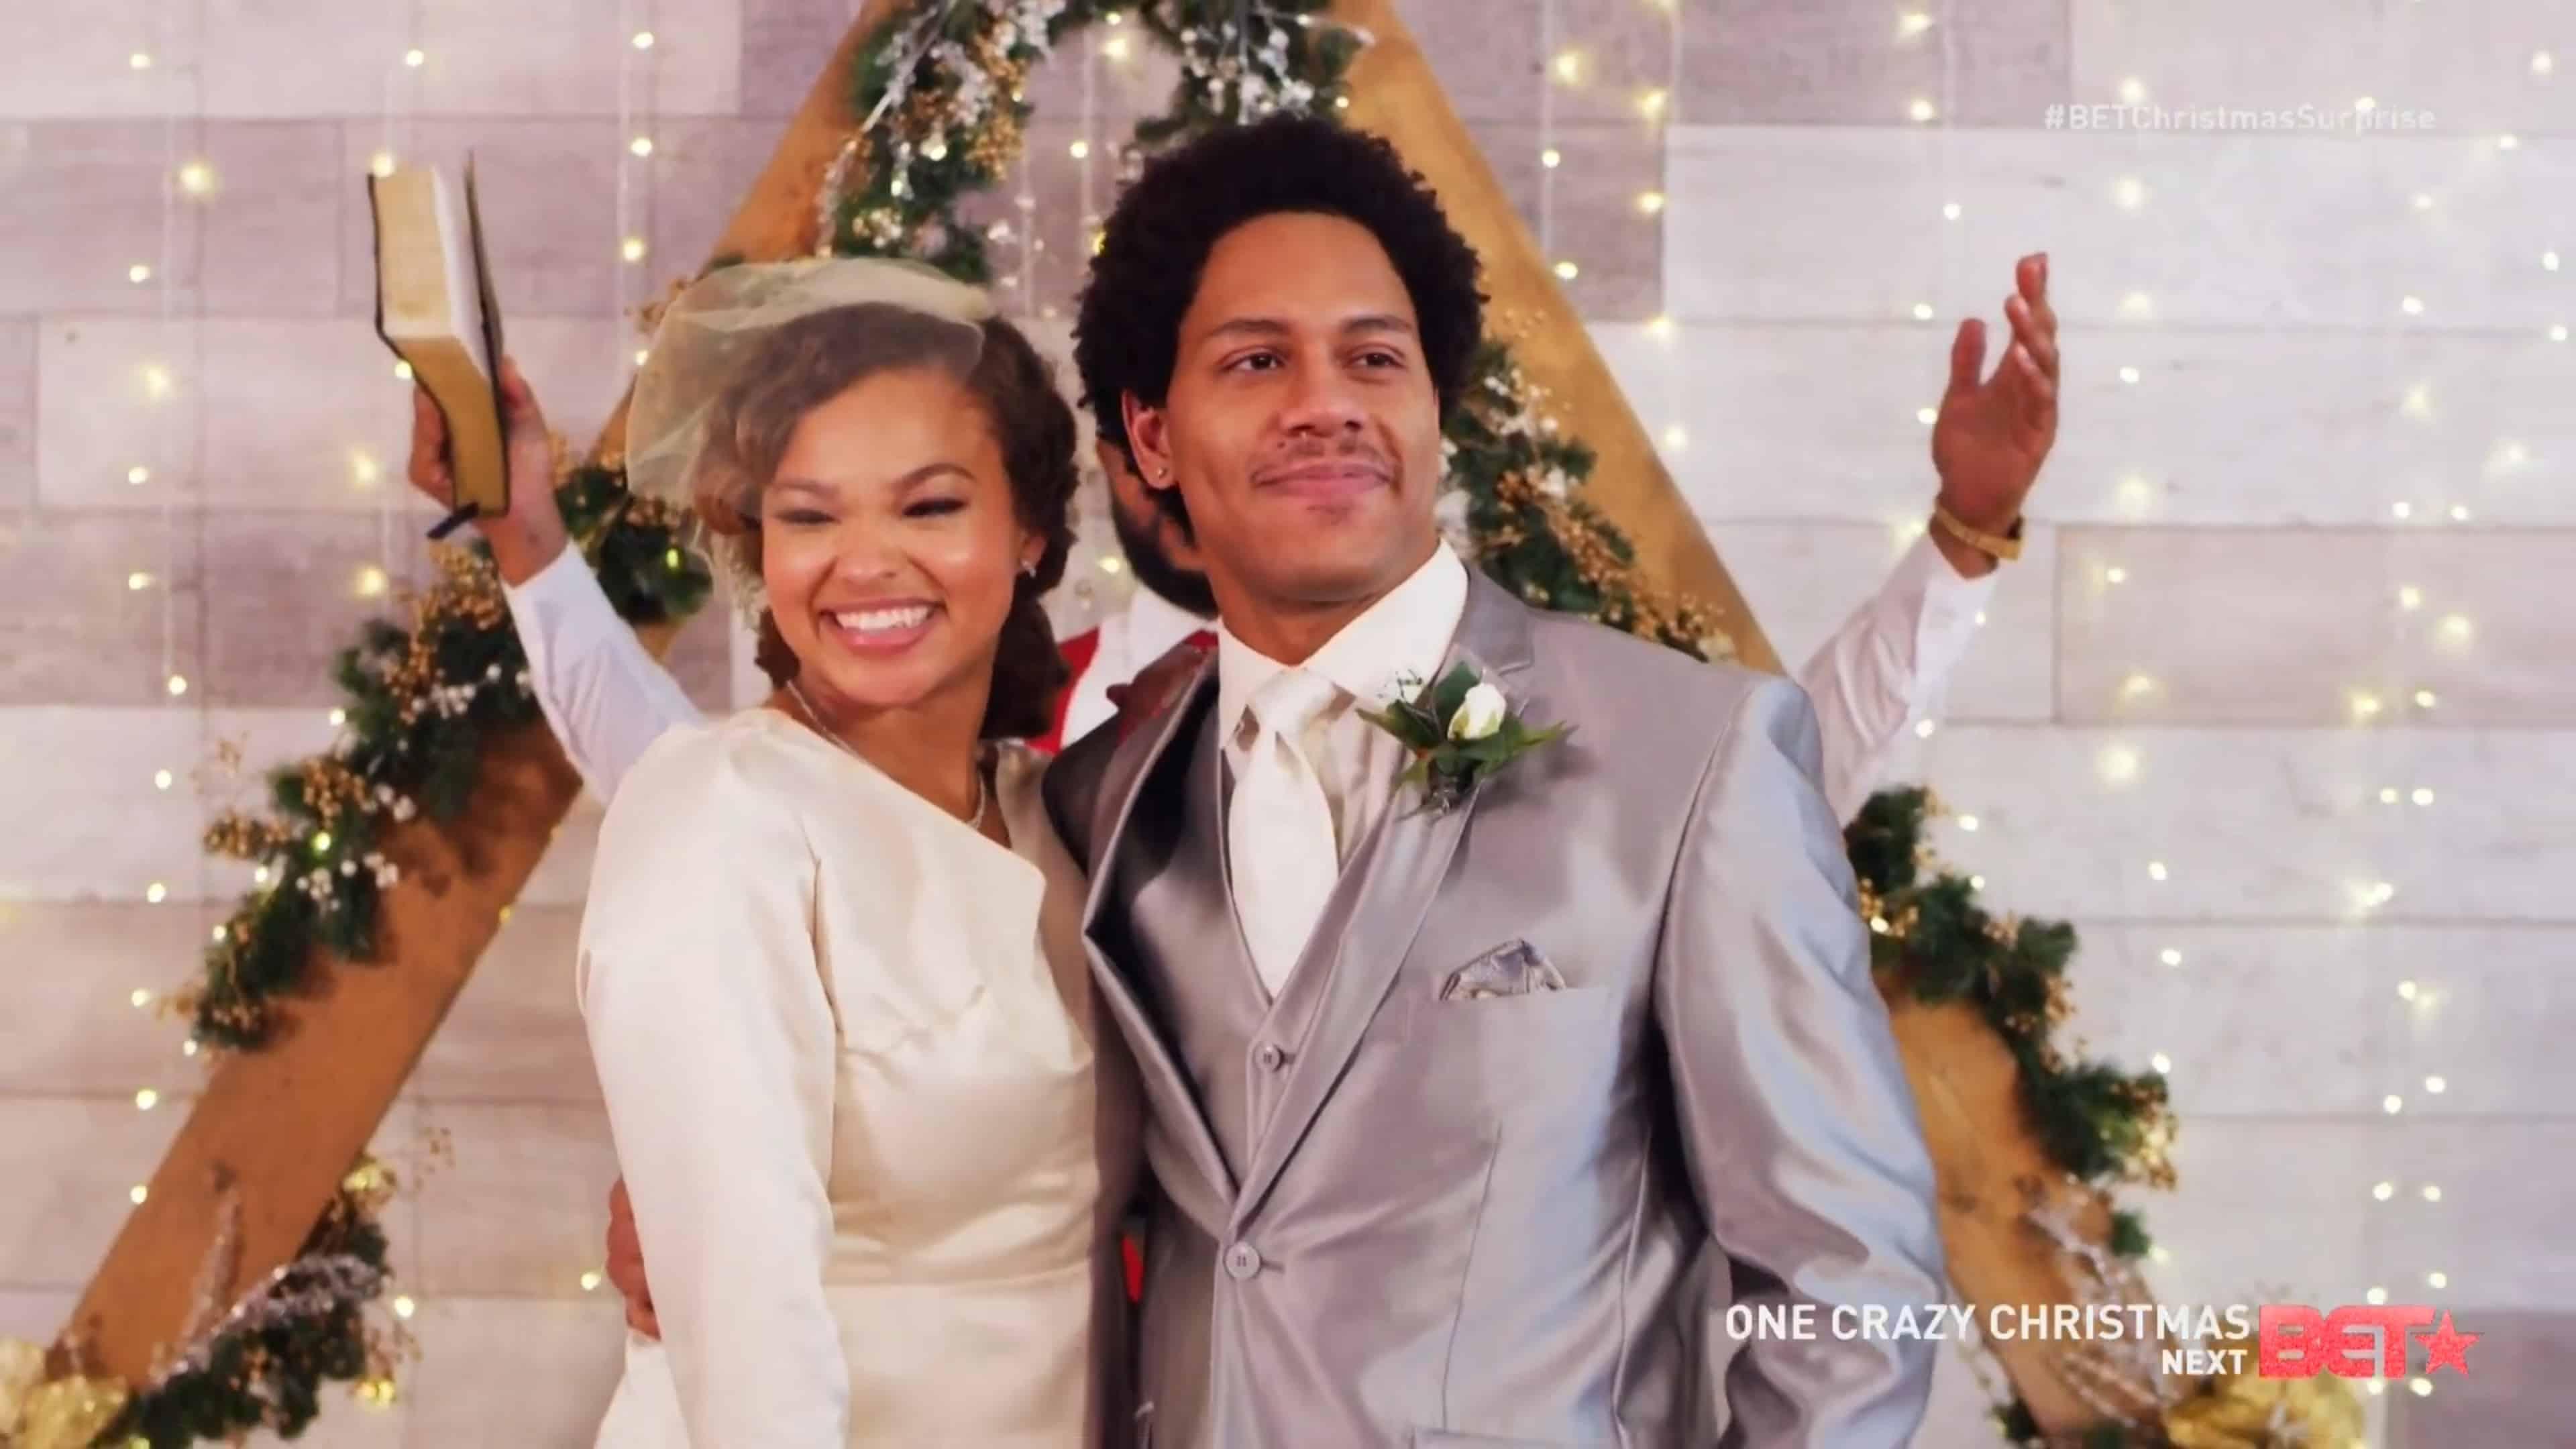 Brittney (Katelynn Bennett) and Amiri (Mustapha Slack) getting married